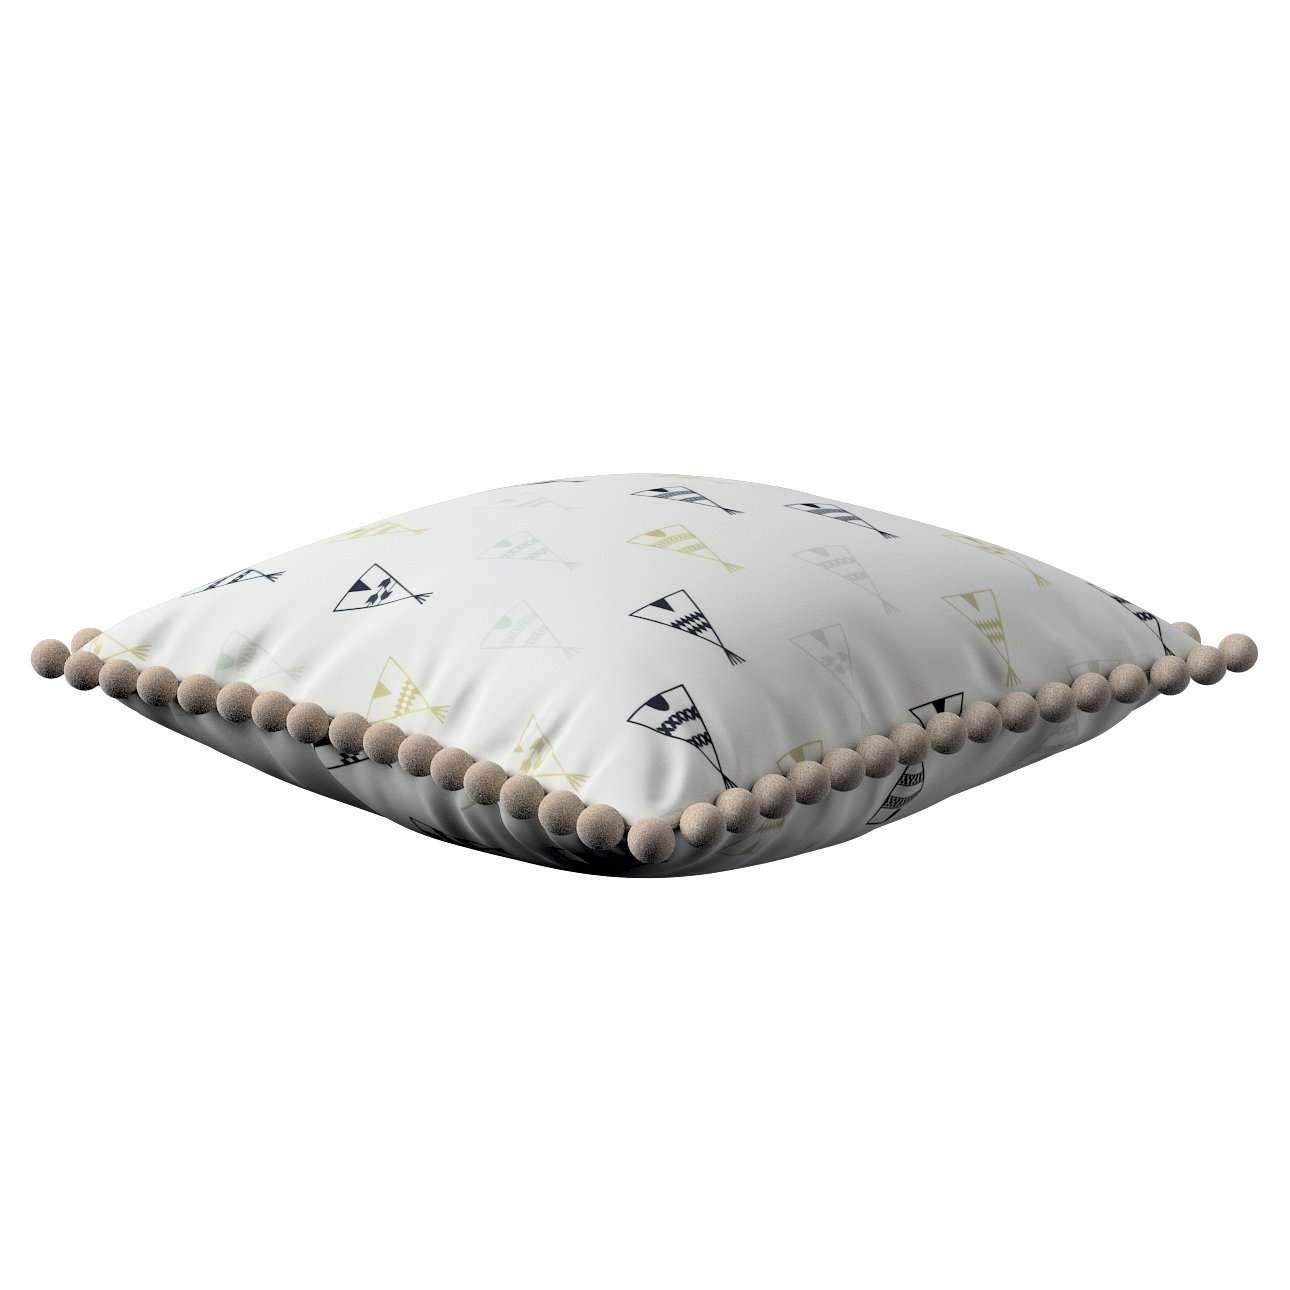 Poszewka Wera na poduszkę w kolekcji Adventure, tkanina: 141-84